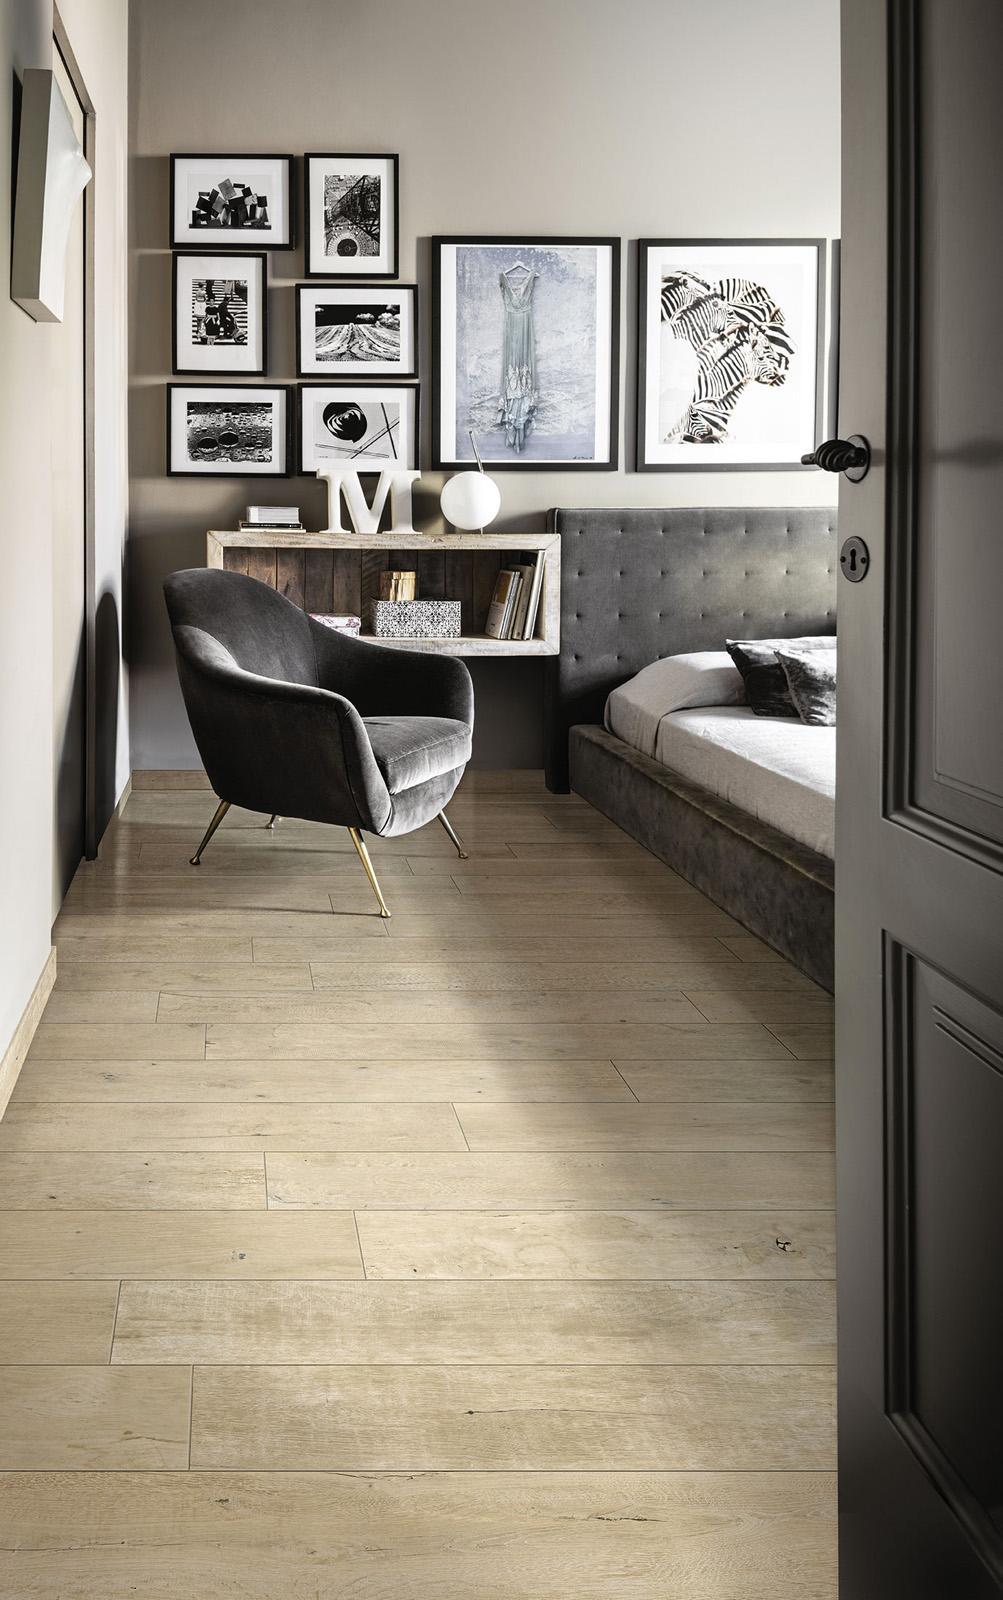 treverkdear efecto madera dormitorio - Suelos Ceramicos Imitacion Madera